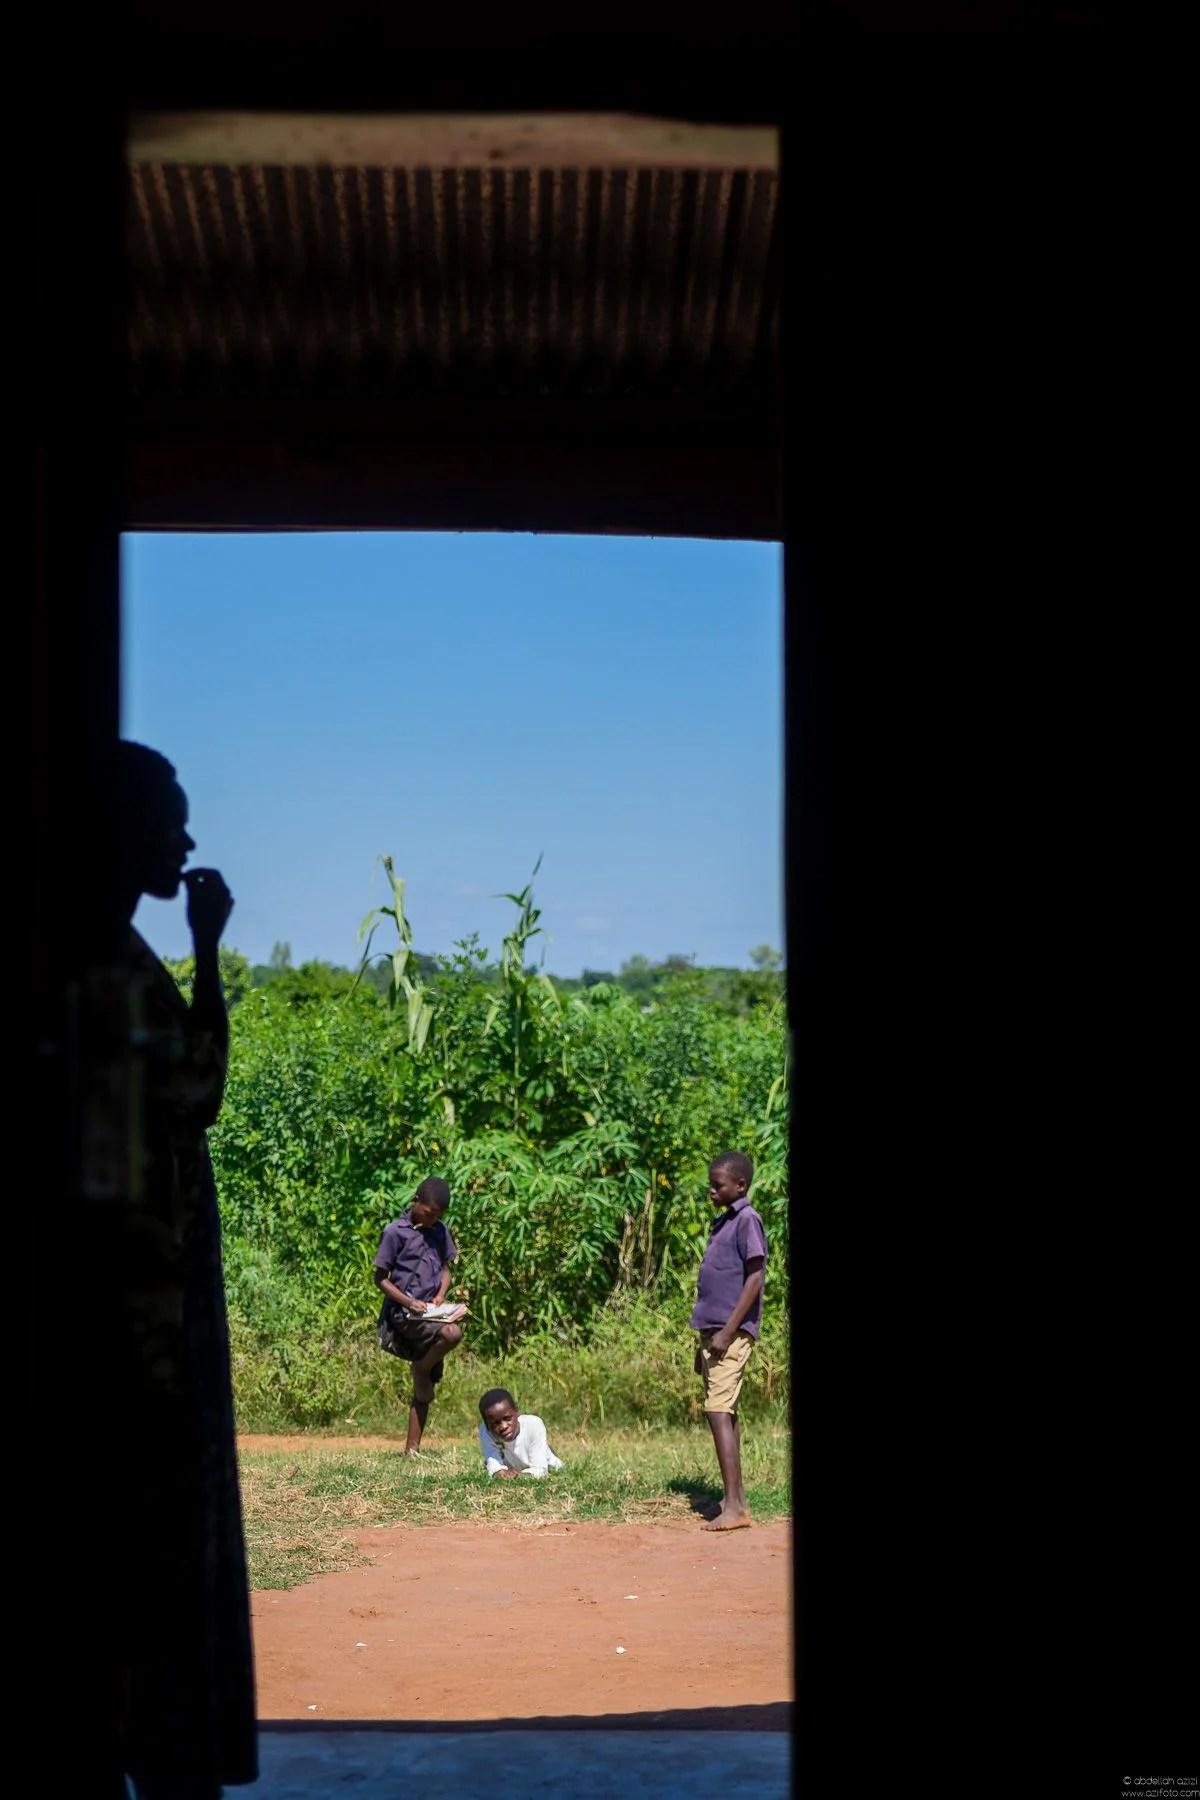 School boys in Malawi